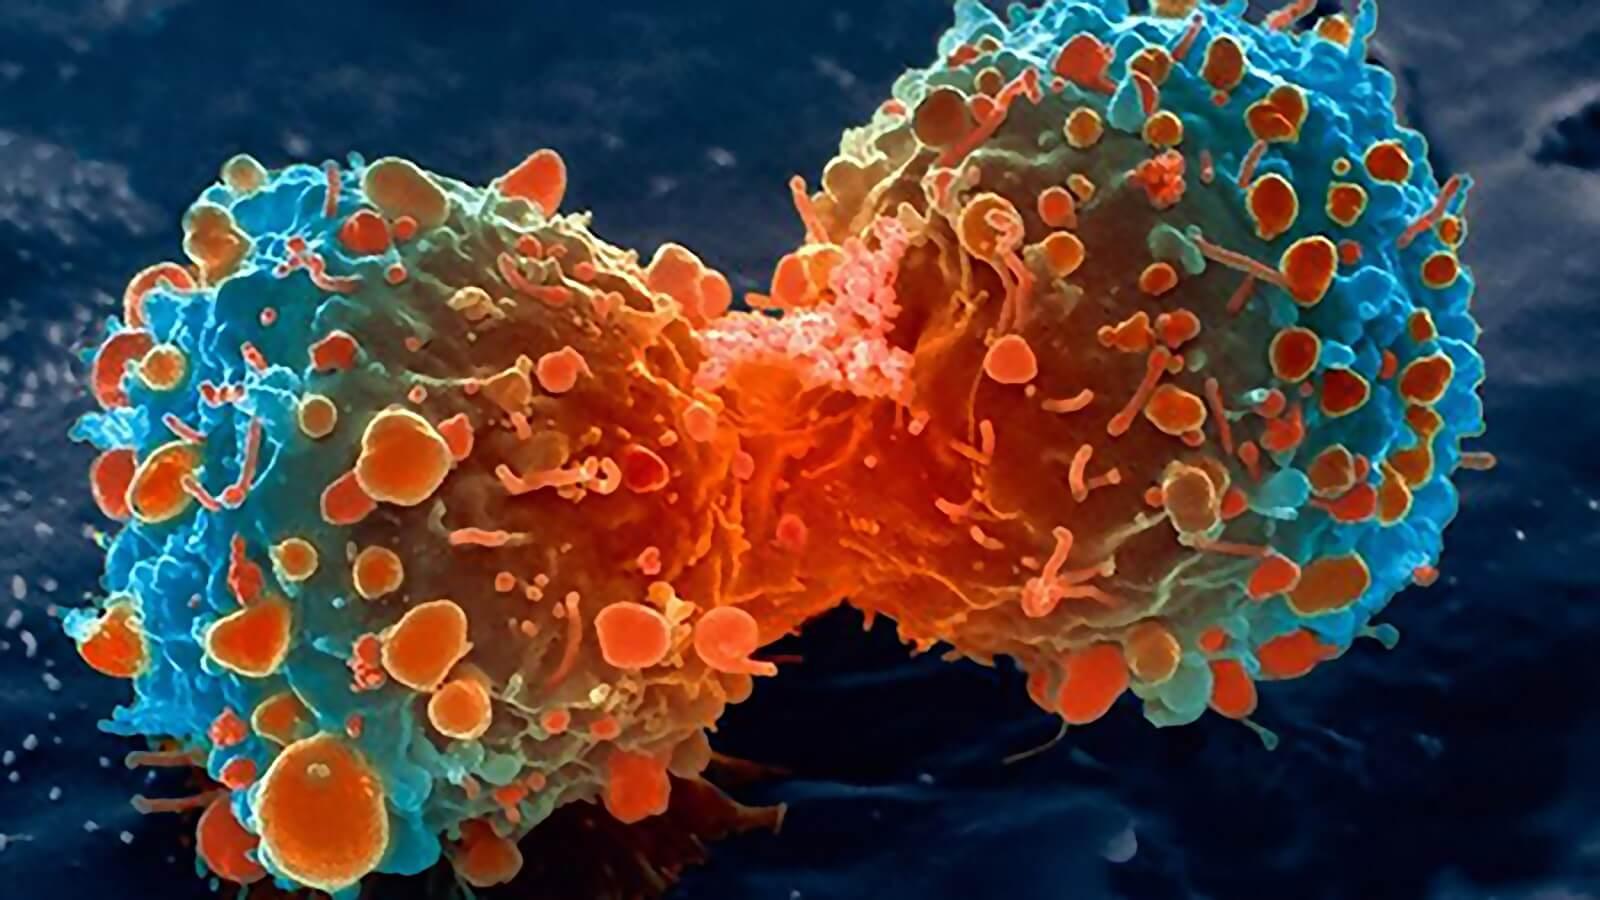 Ung thư là sự rối loạn sinh sản, tăng trưởng và hoạt động chức năng tế bào